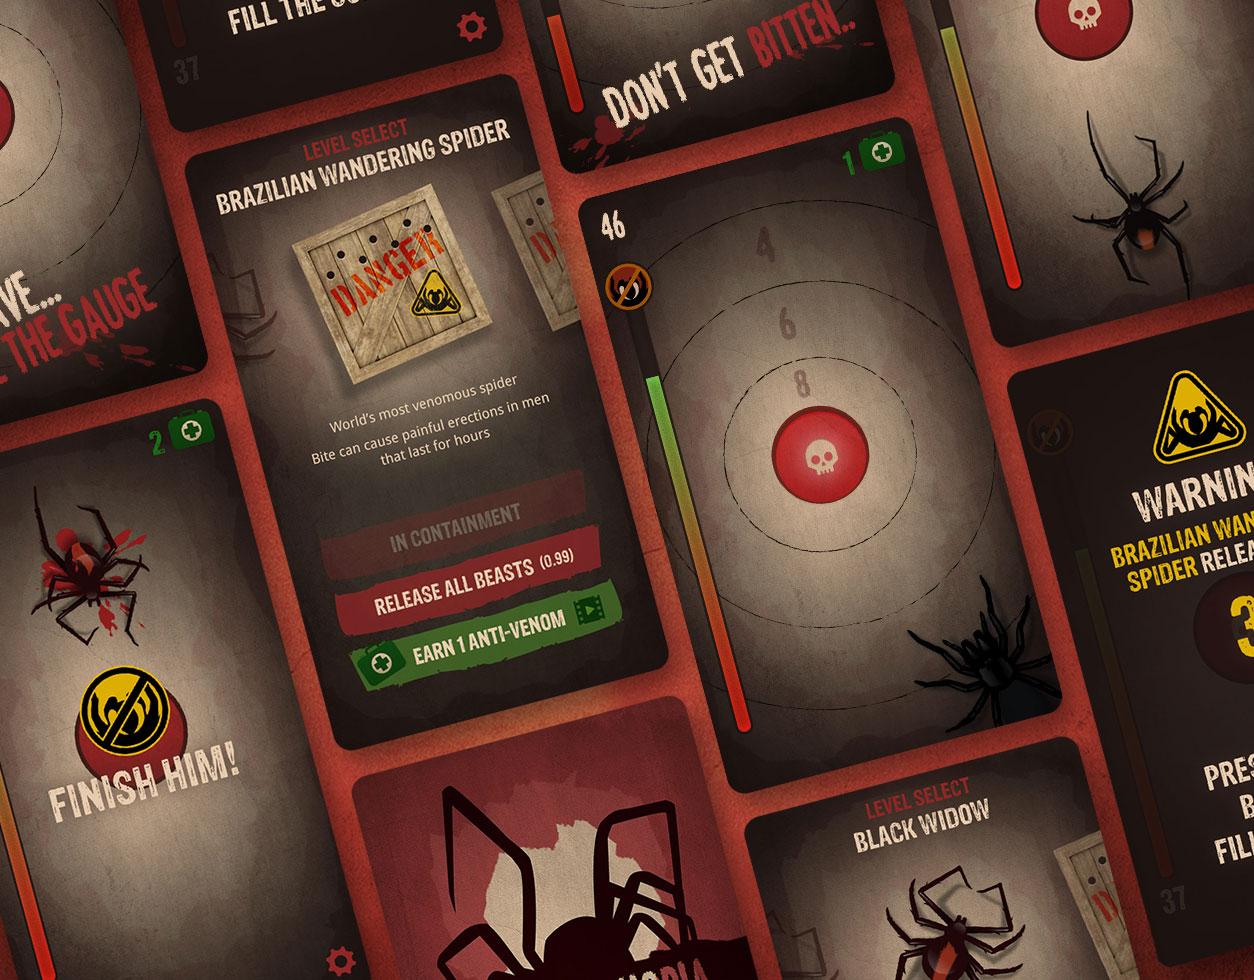 Arachnophobia mobile